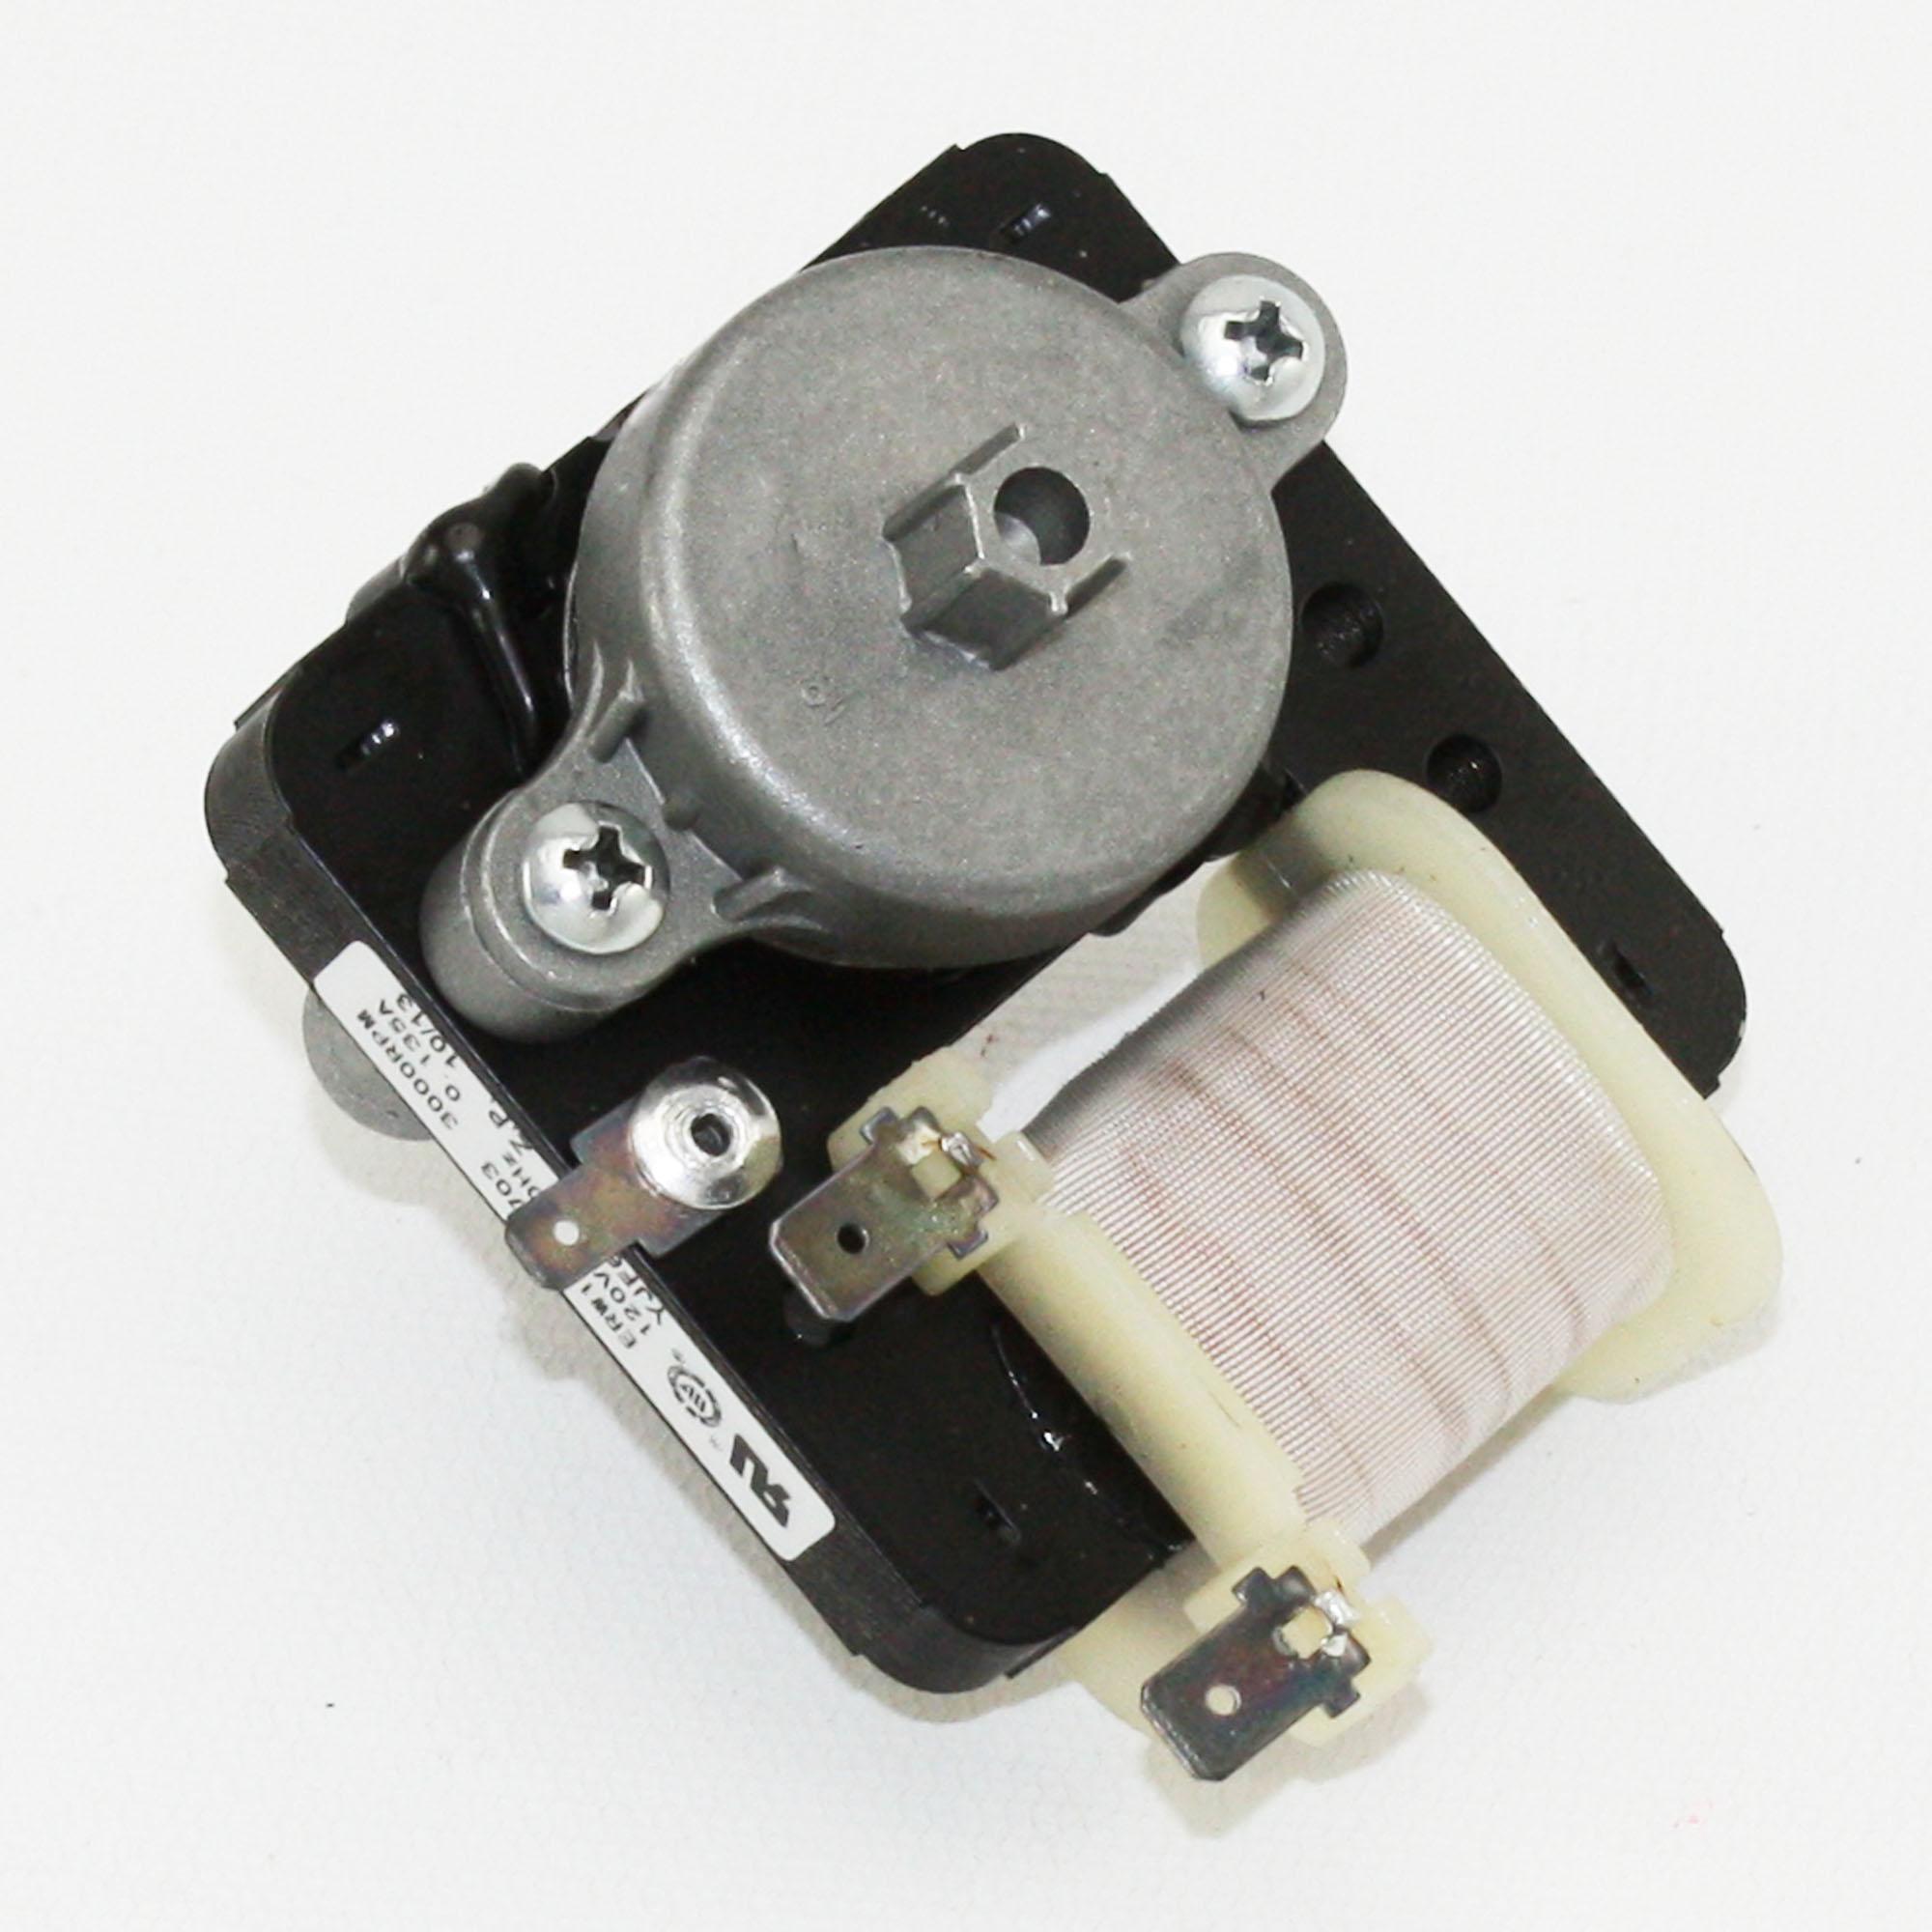 Erw10189703 For W10189703 Whirlpool Freezer Evaporator Fan